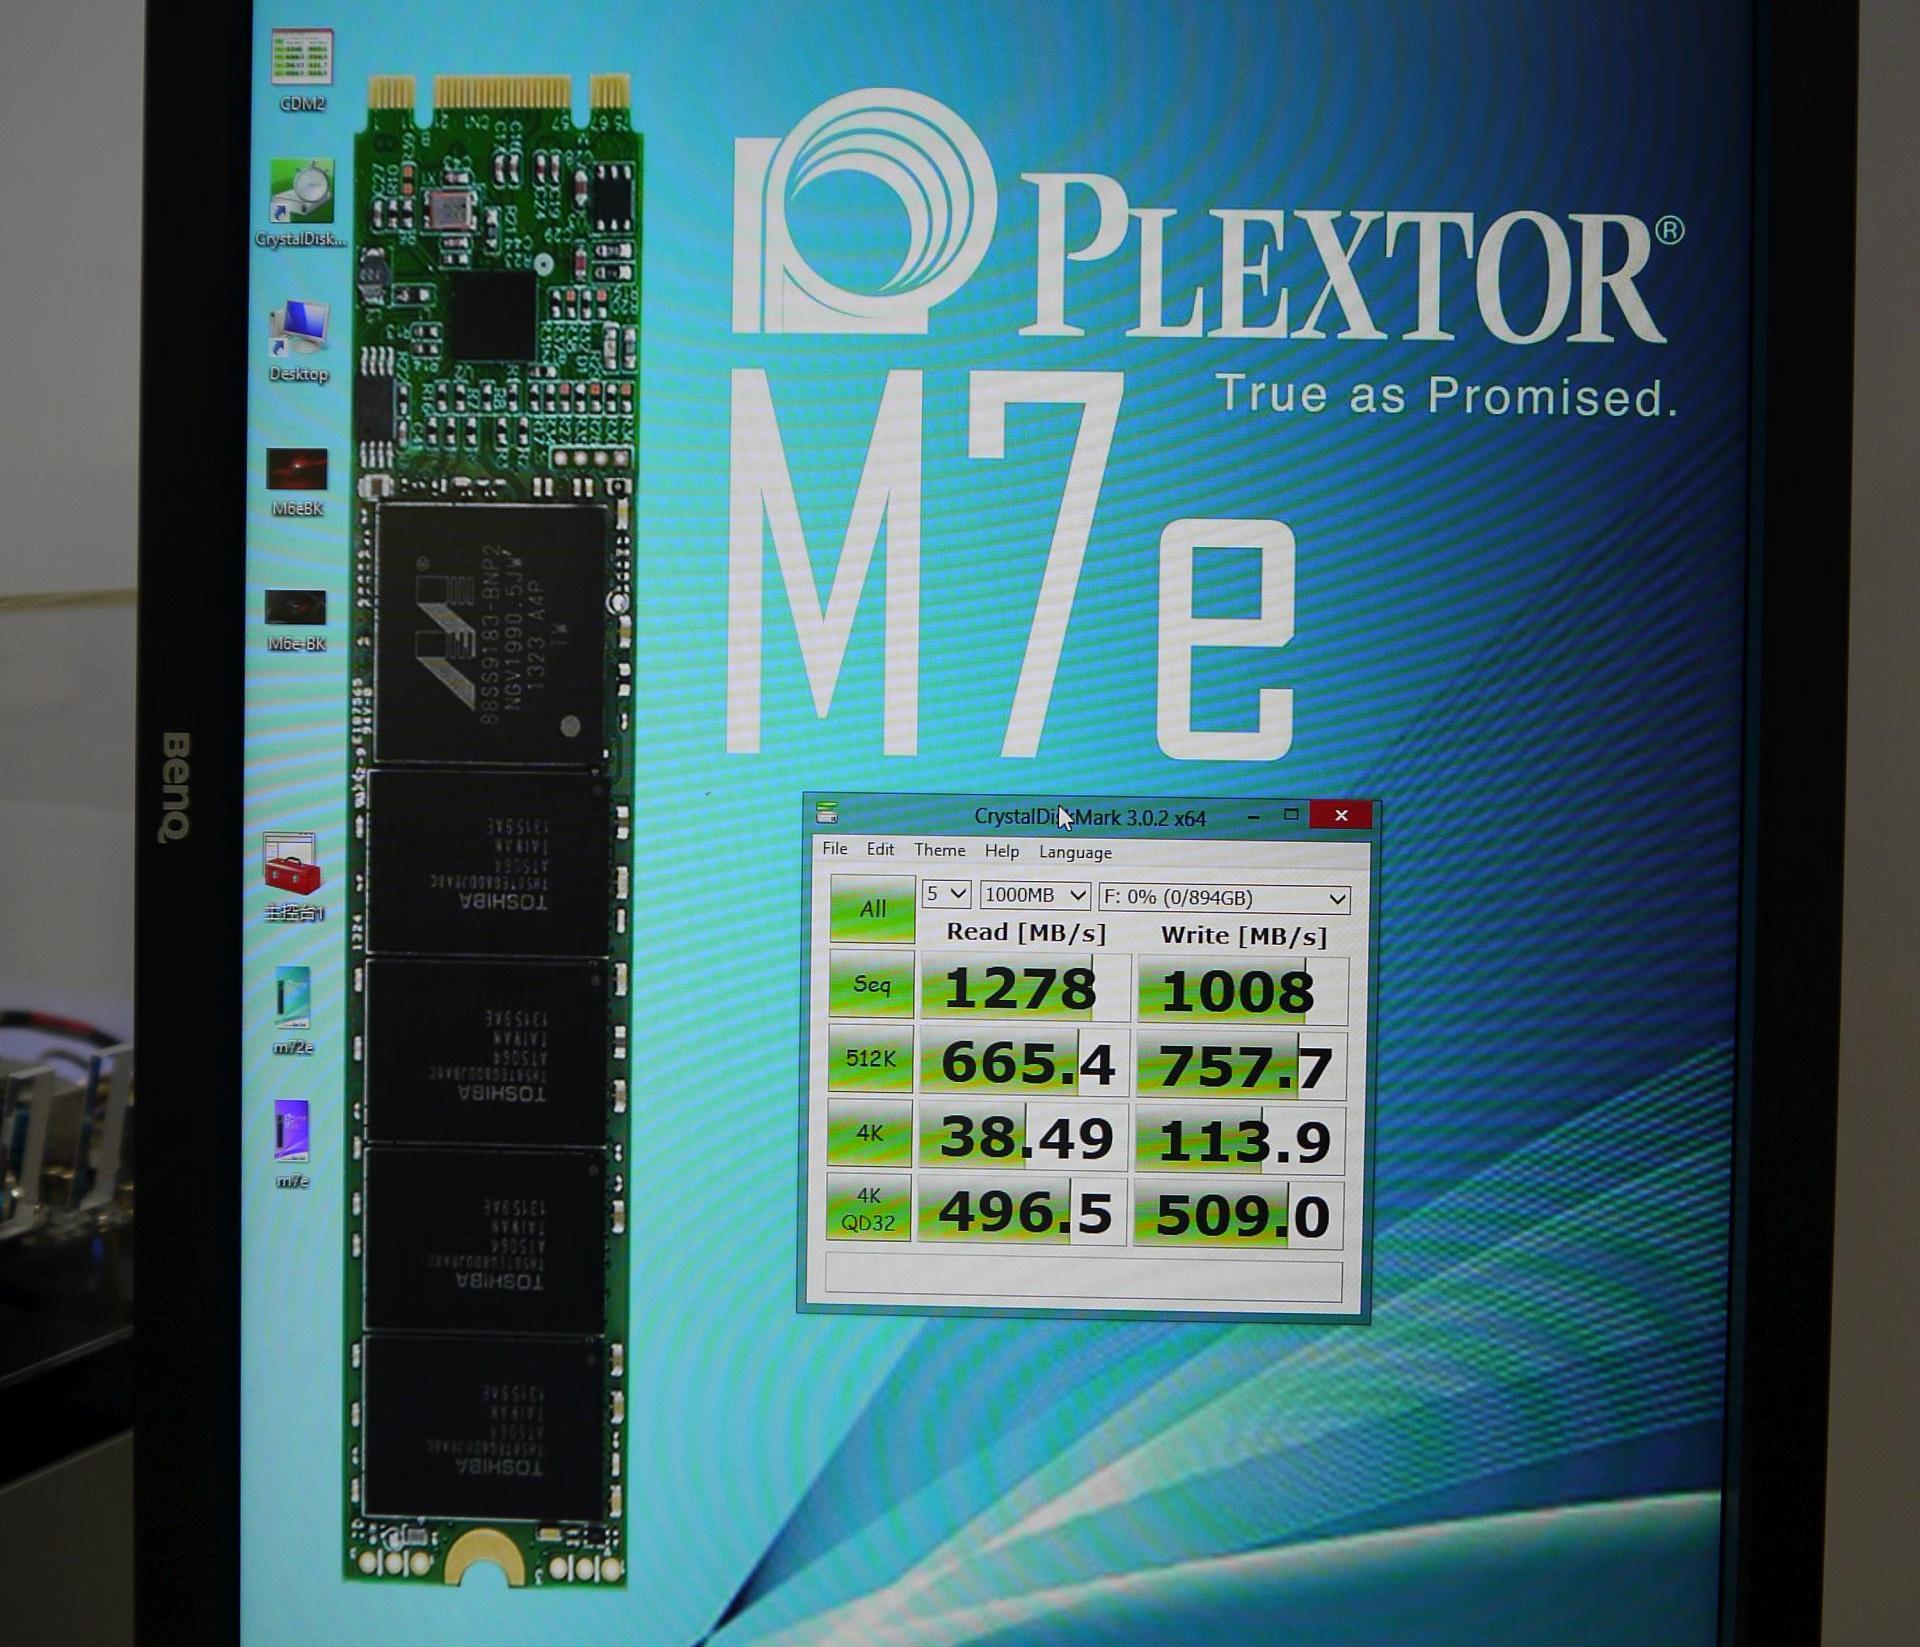 Plextor_M7e_demo_003